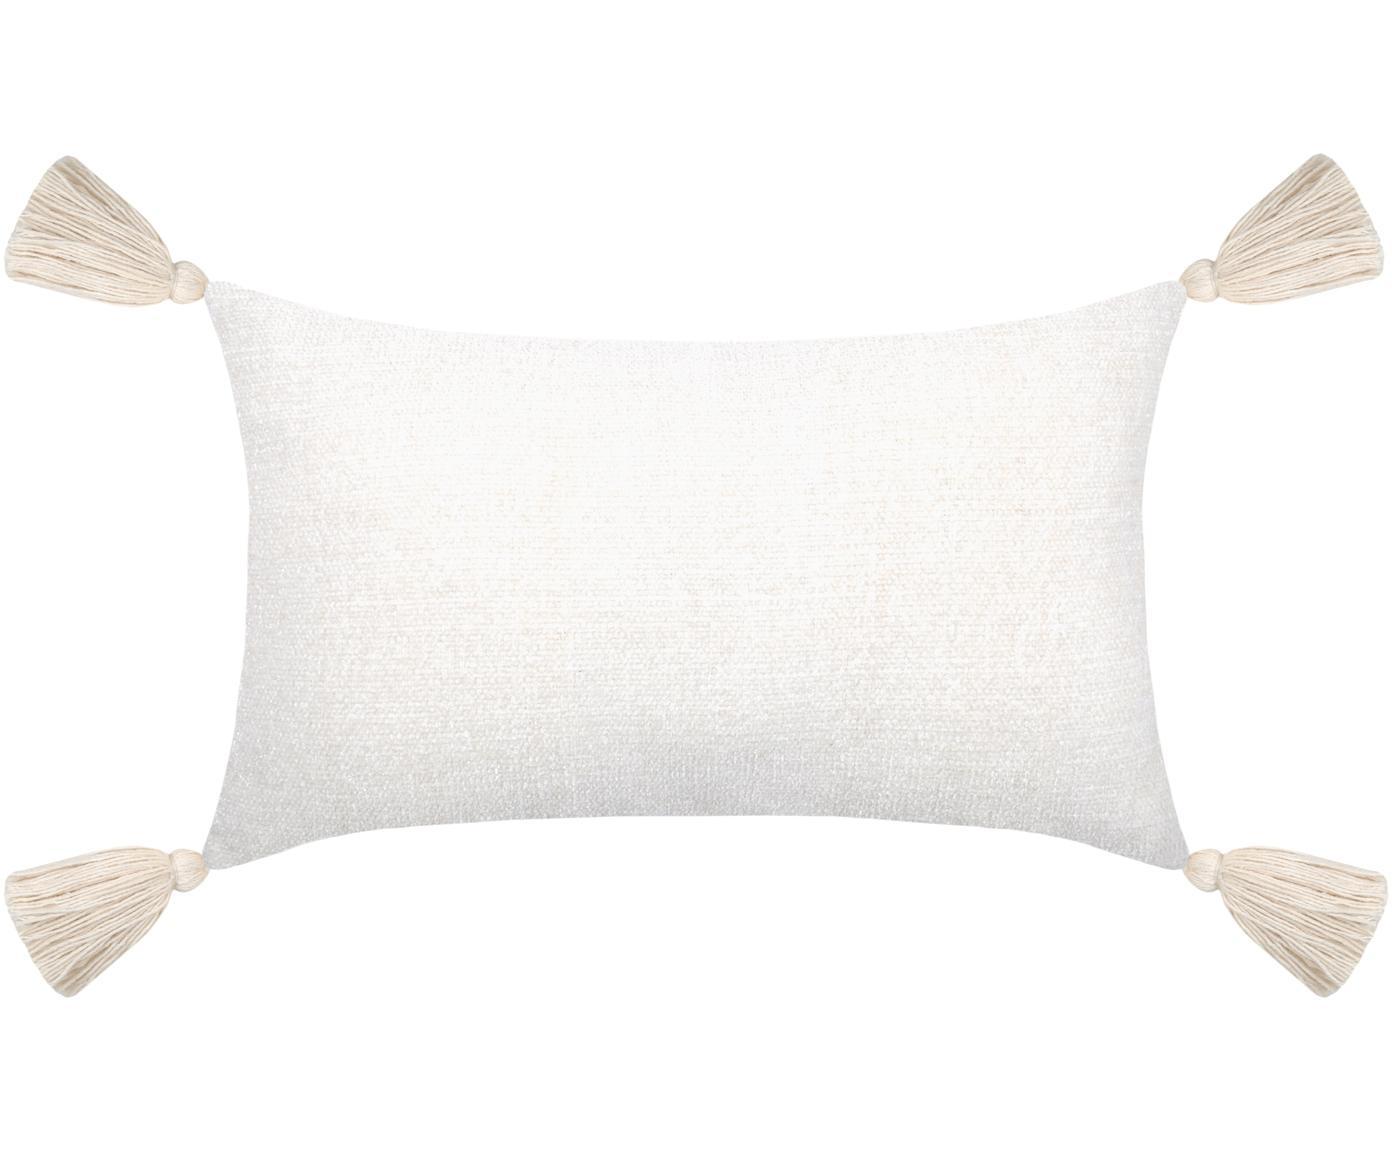 Kissen Chila mit Quasten, mit Inlett, Bezug: 95% Polyester, 5% Baumwol, Weiss, 30 x 50 cm